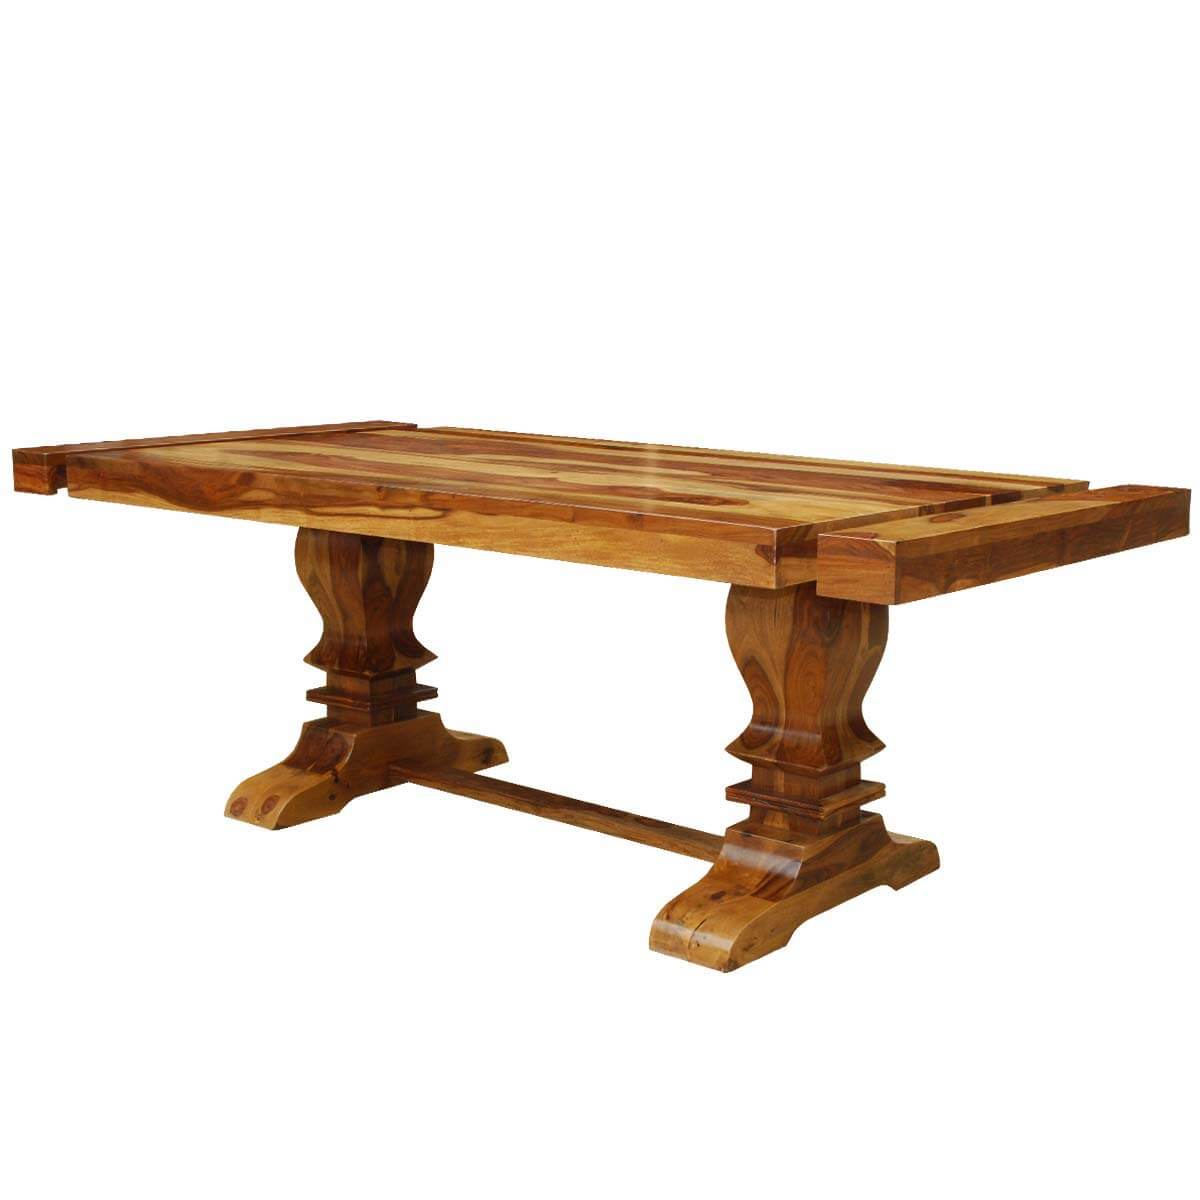 Dallas ranch double pedestal trestle dining table w extensions for Double pedestal dining table plans